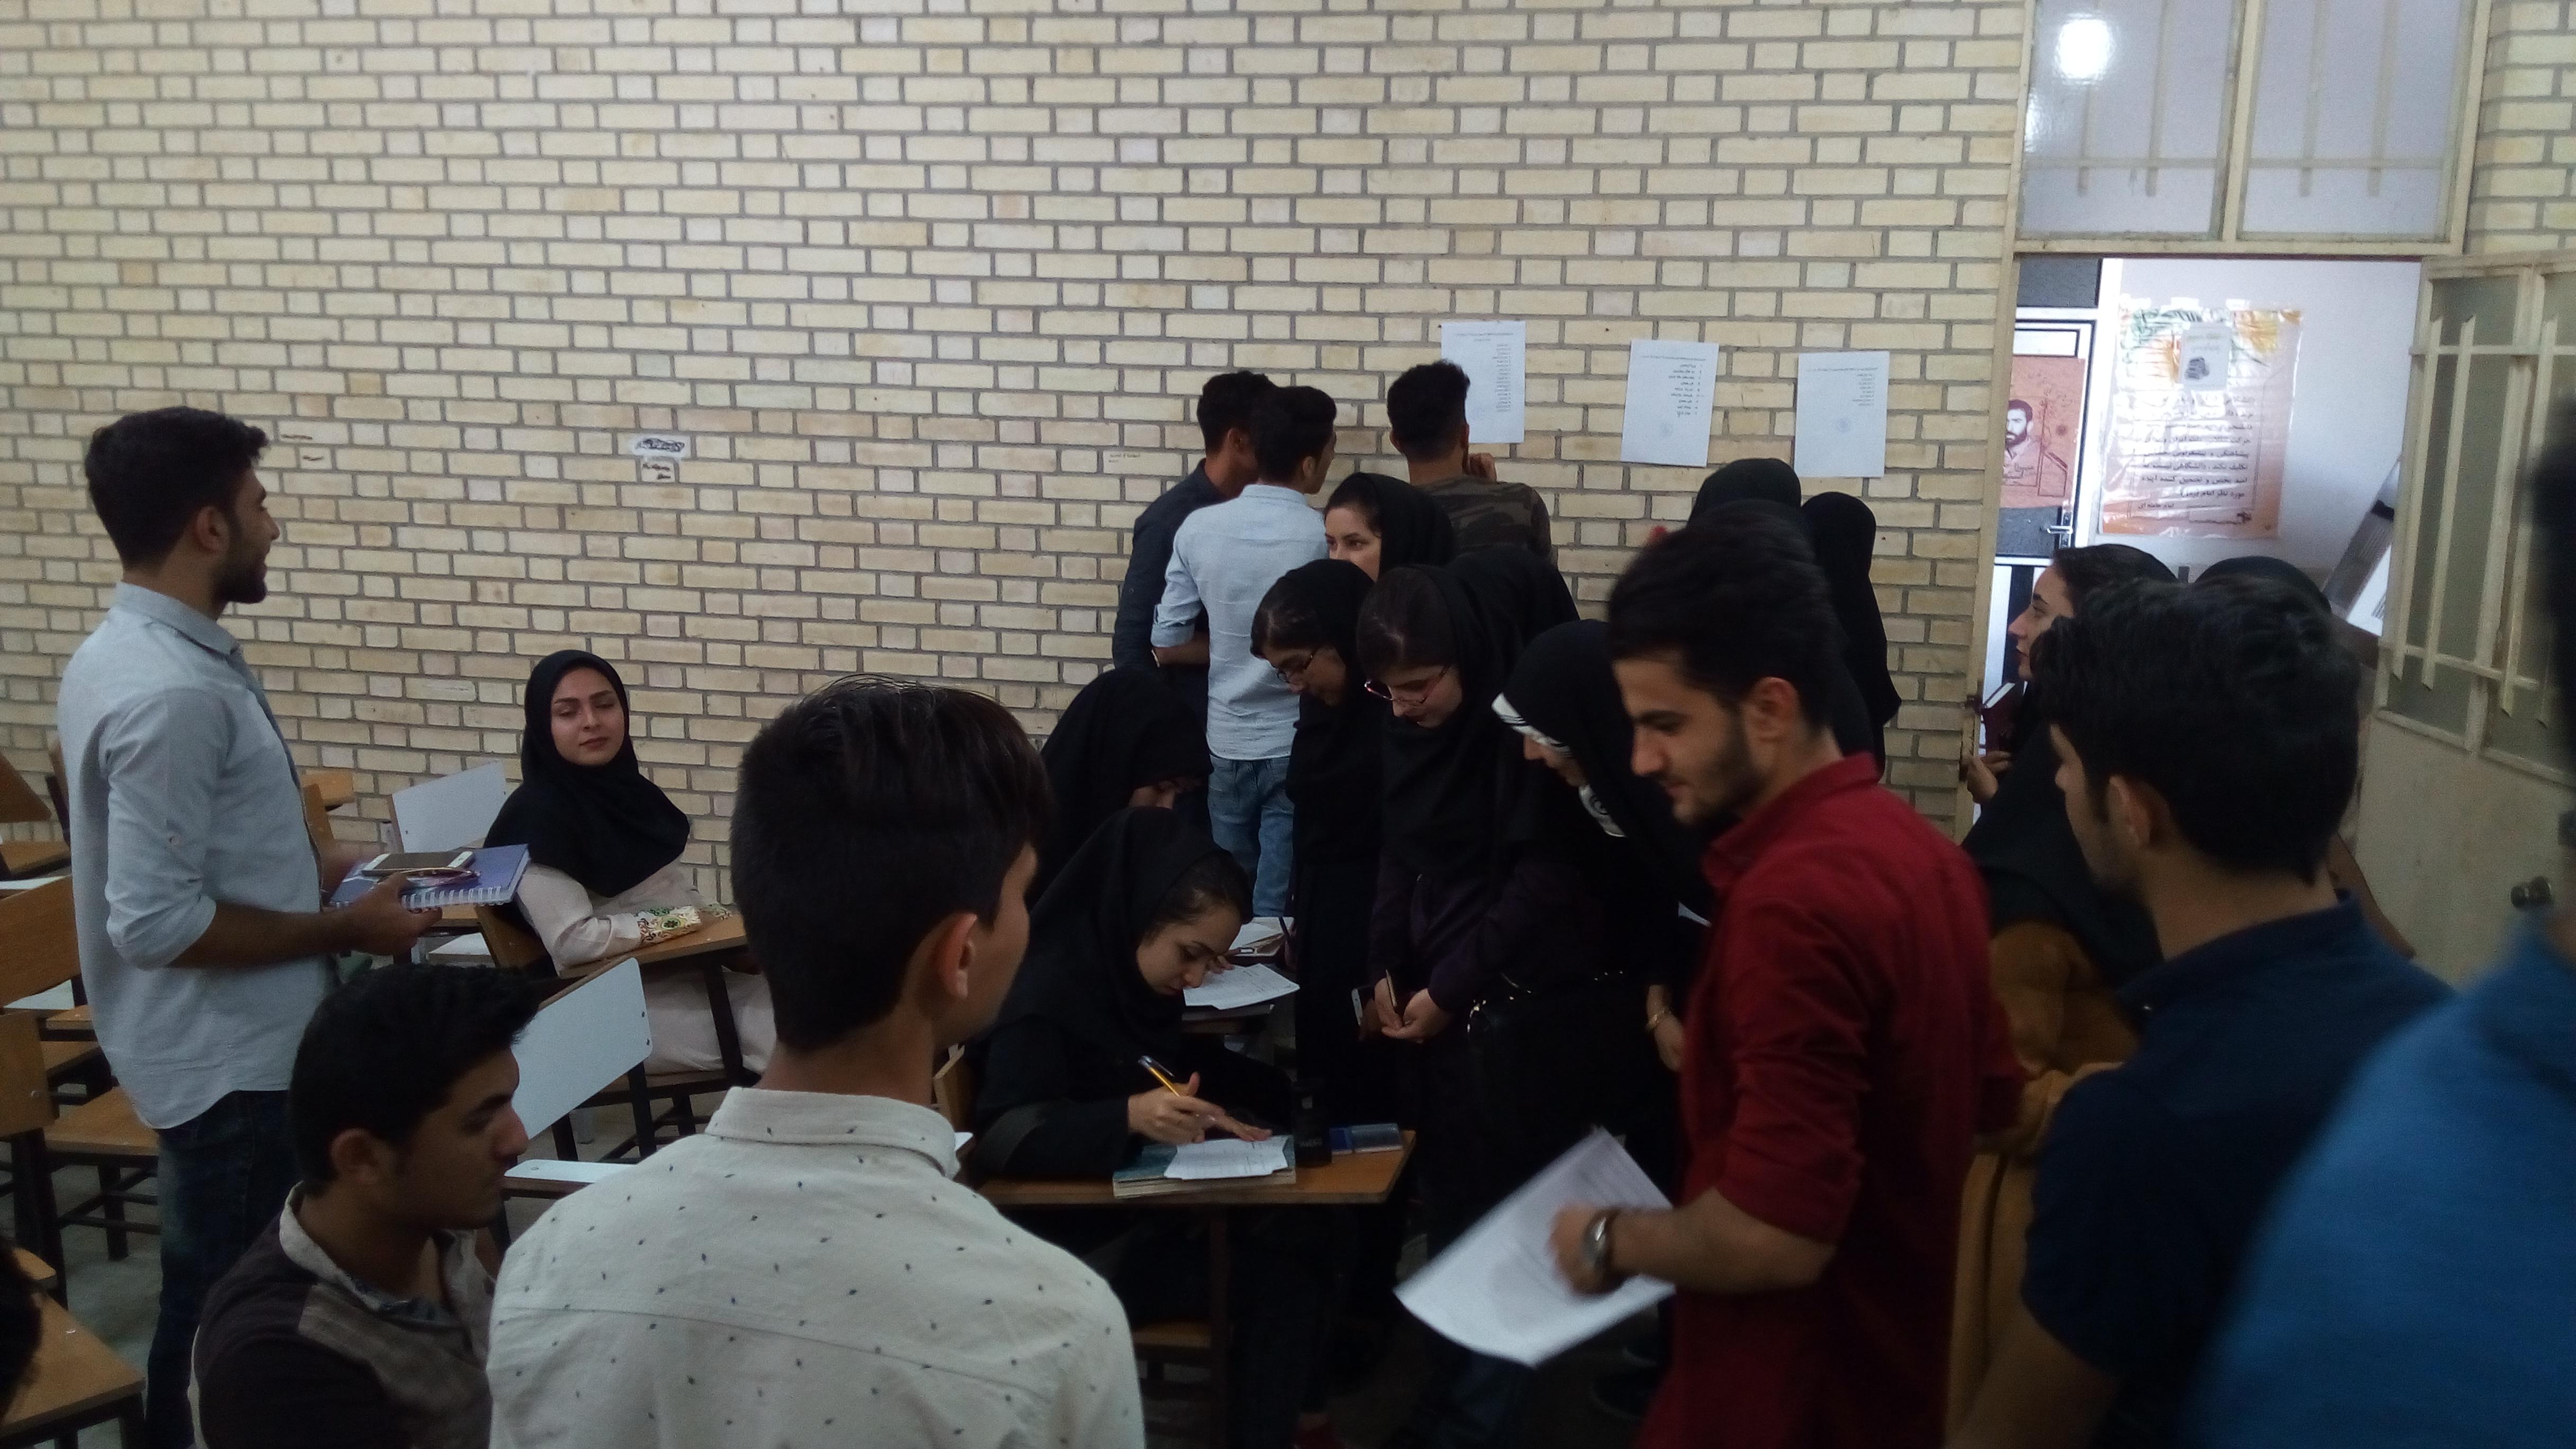 ثبت نام انتخابات شورای مرکزی کانون های فرهنگی، انجمن های علمی ، شورای صنفی